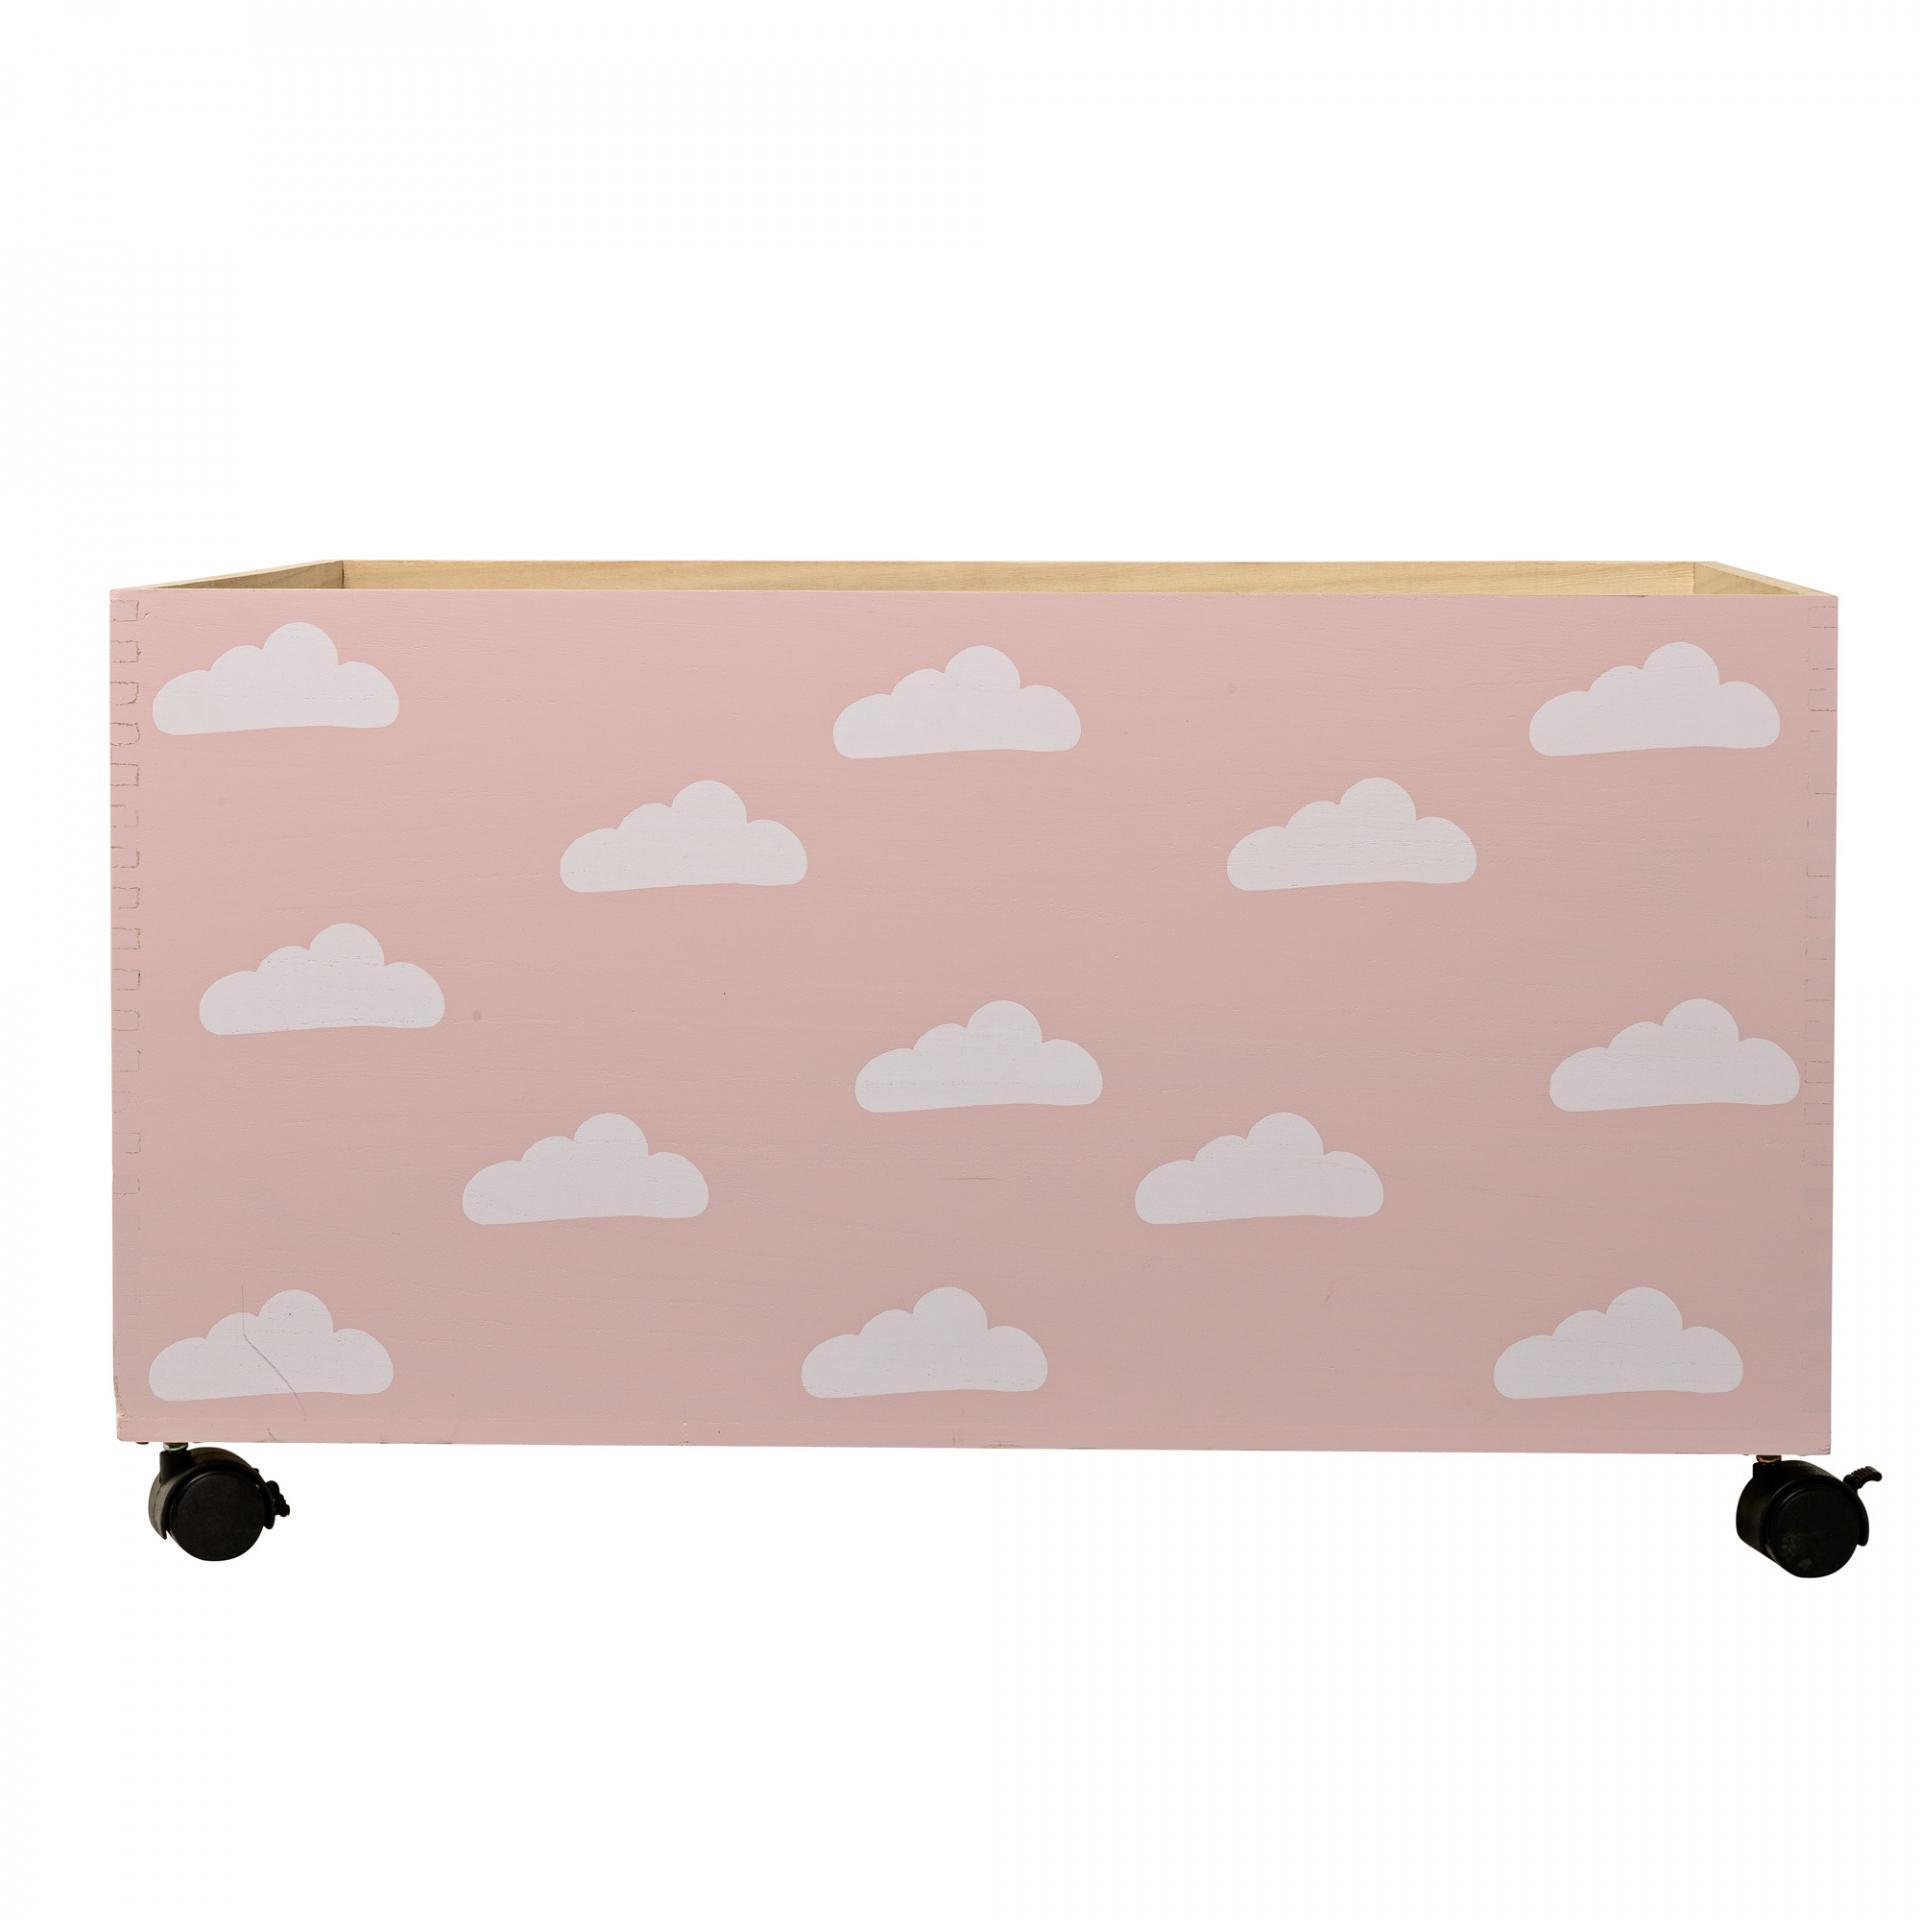 Bloomingville Úložný box na kolečkách Nature/Nude Clouds